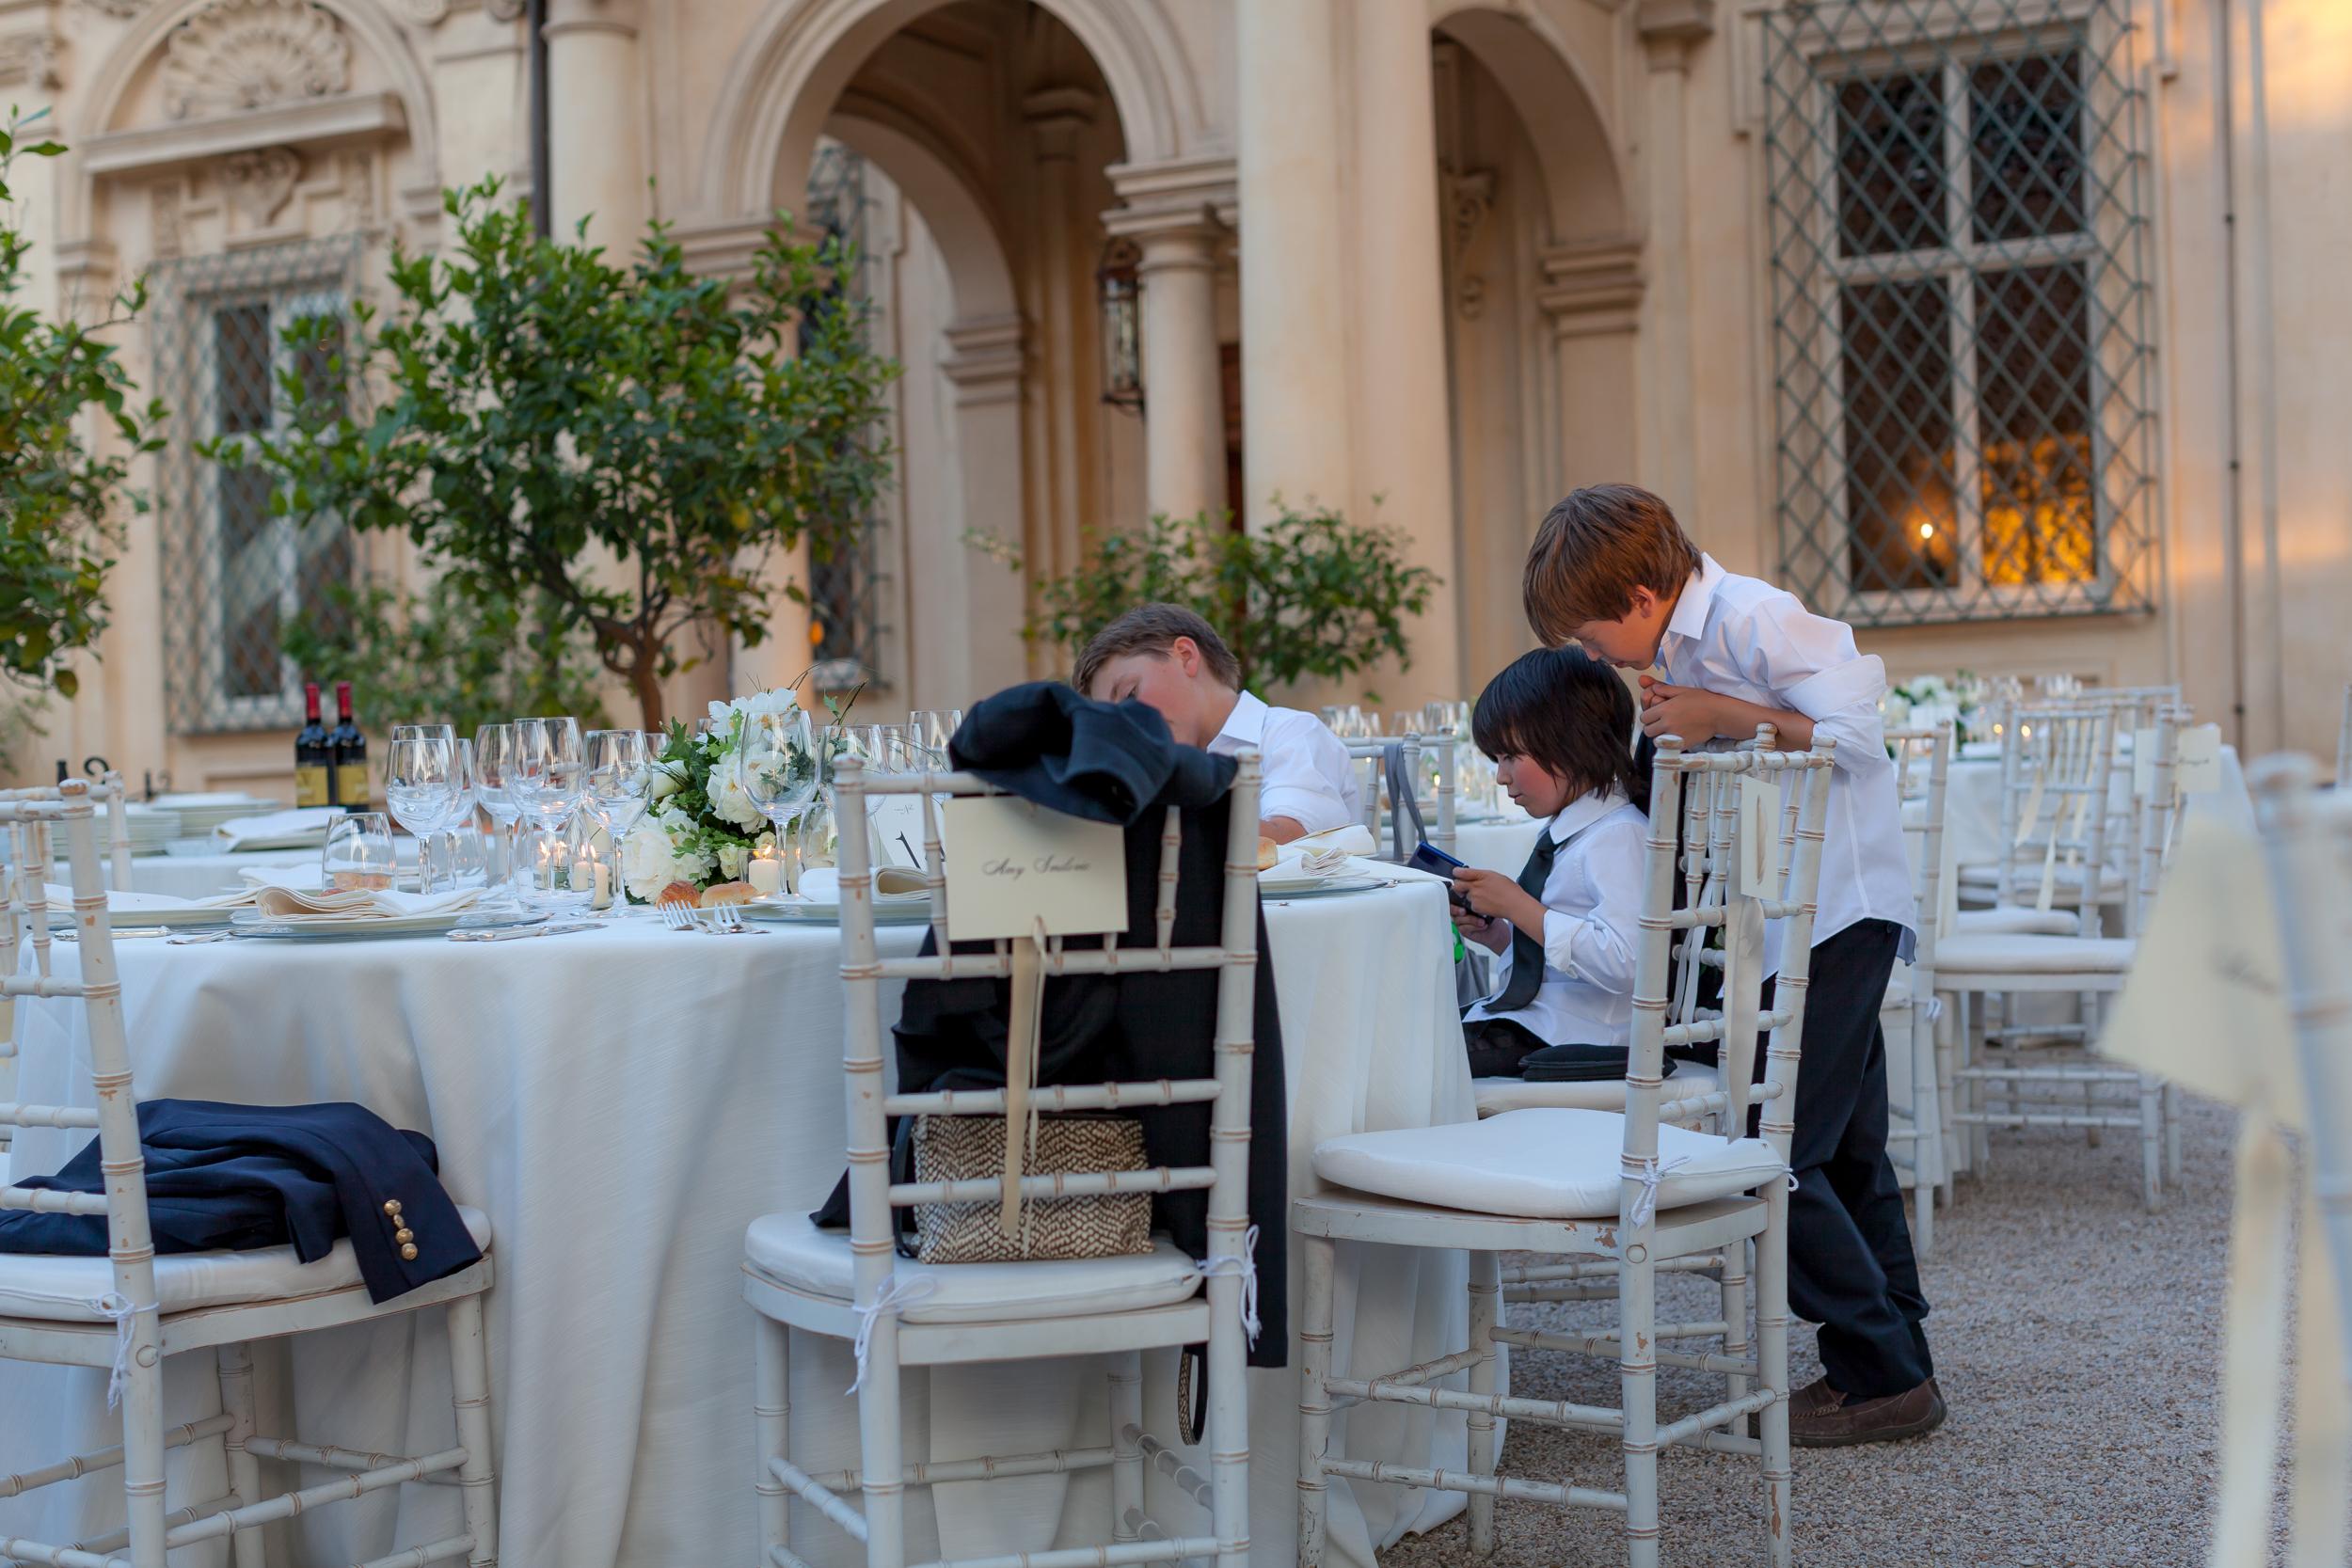 Wedding Reception | Villa Aurelia, Rome, Italy